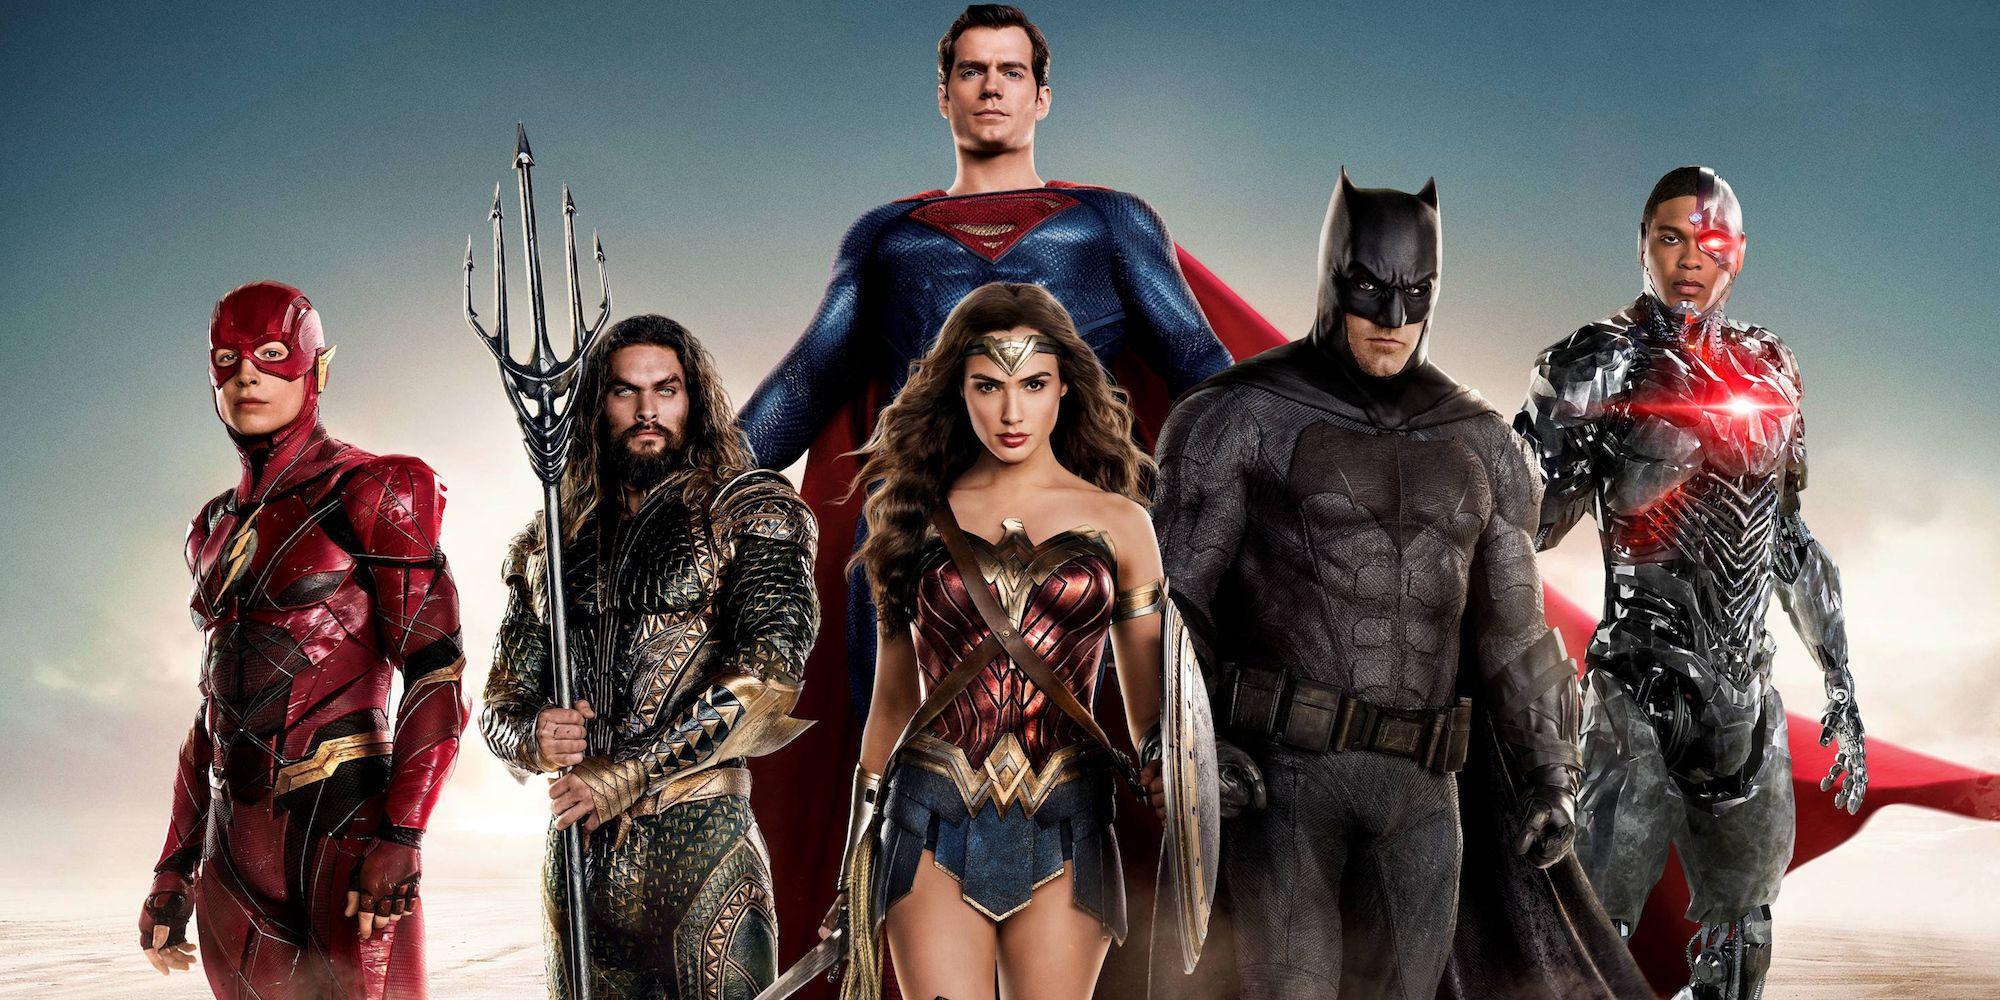 Justice League Concept Art Reveals Zack Snyder's Apokolips Pilot